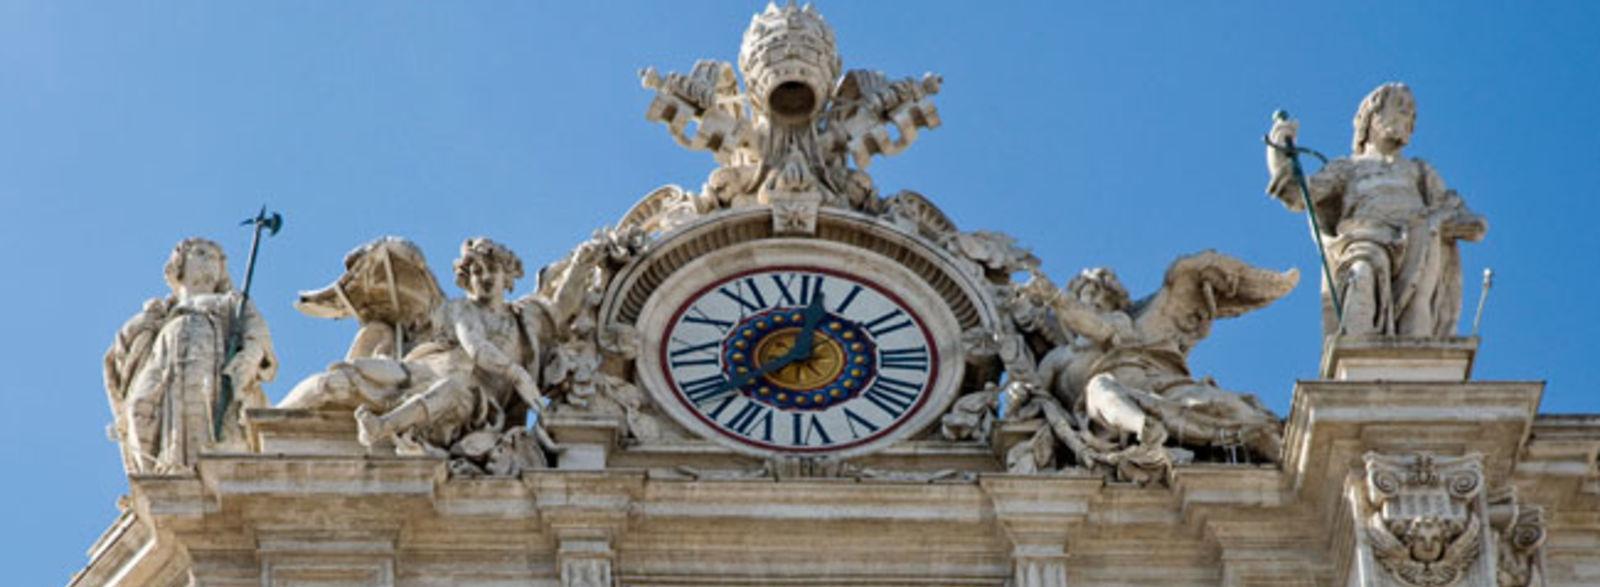 Valls au Vatican pour la canonisation de deux papes, le PS choqué